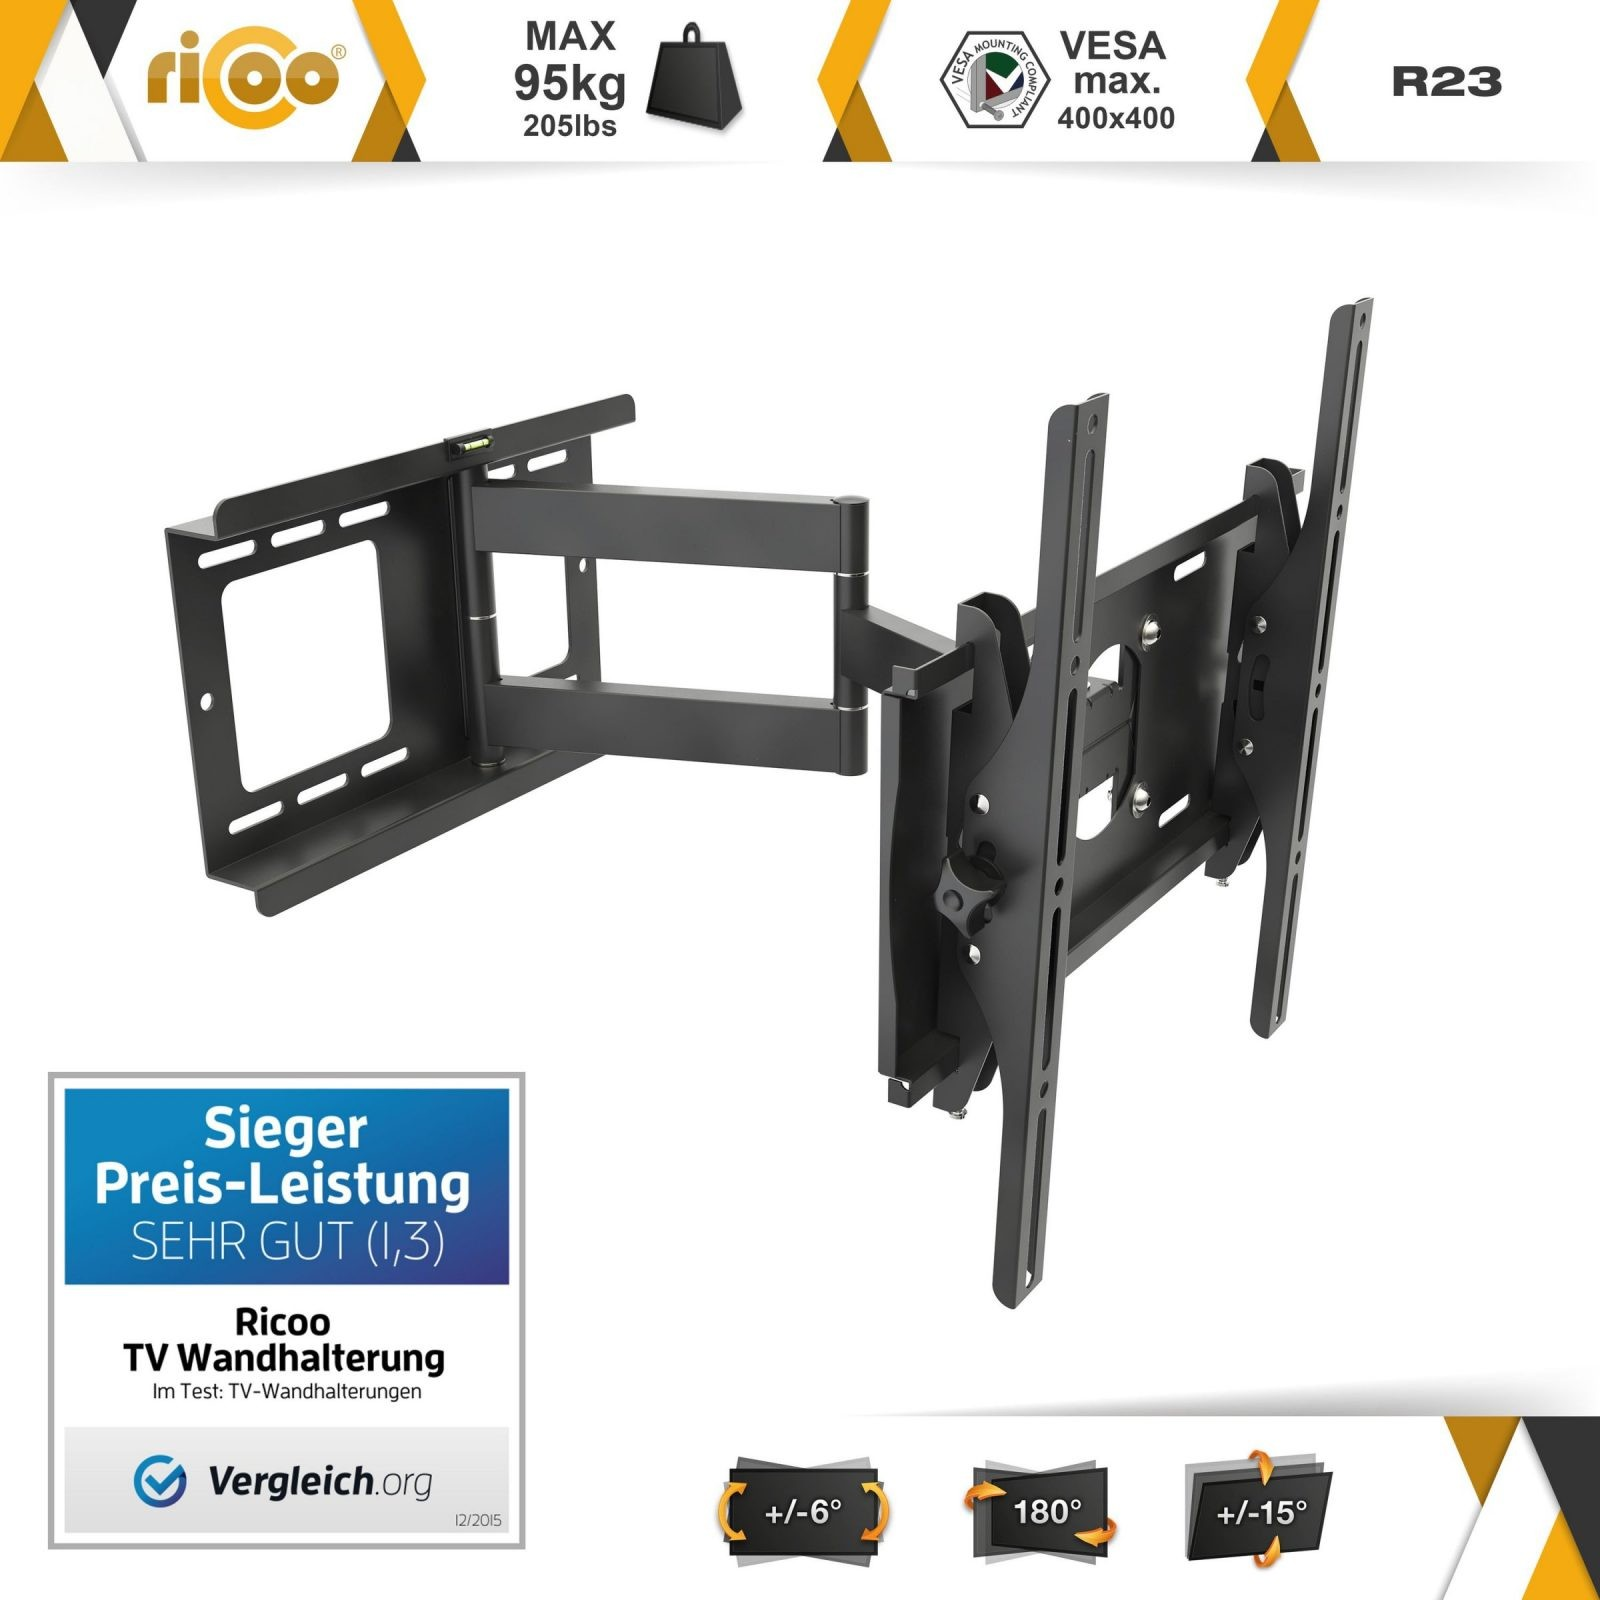 Ricoo Wandhalterung Tv Schwenkbar Neigbar R23 Universal Lcd von Tv Wandhalterung Test 2015 Bild